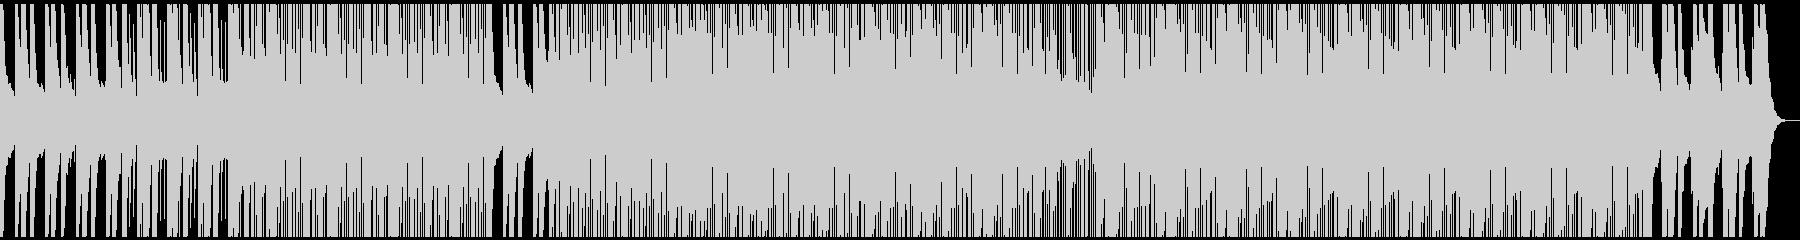 ピアノが爽やか 少し影のあるハウスBGMの未再生の波形